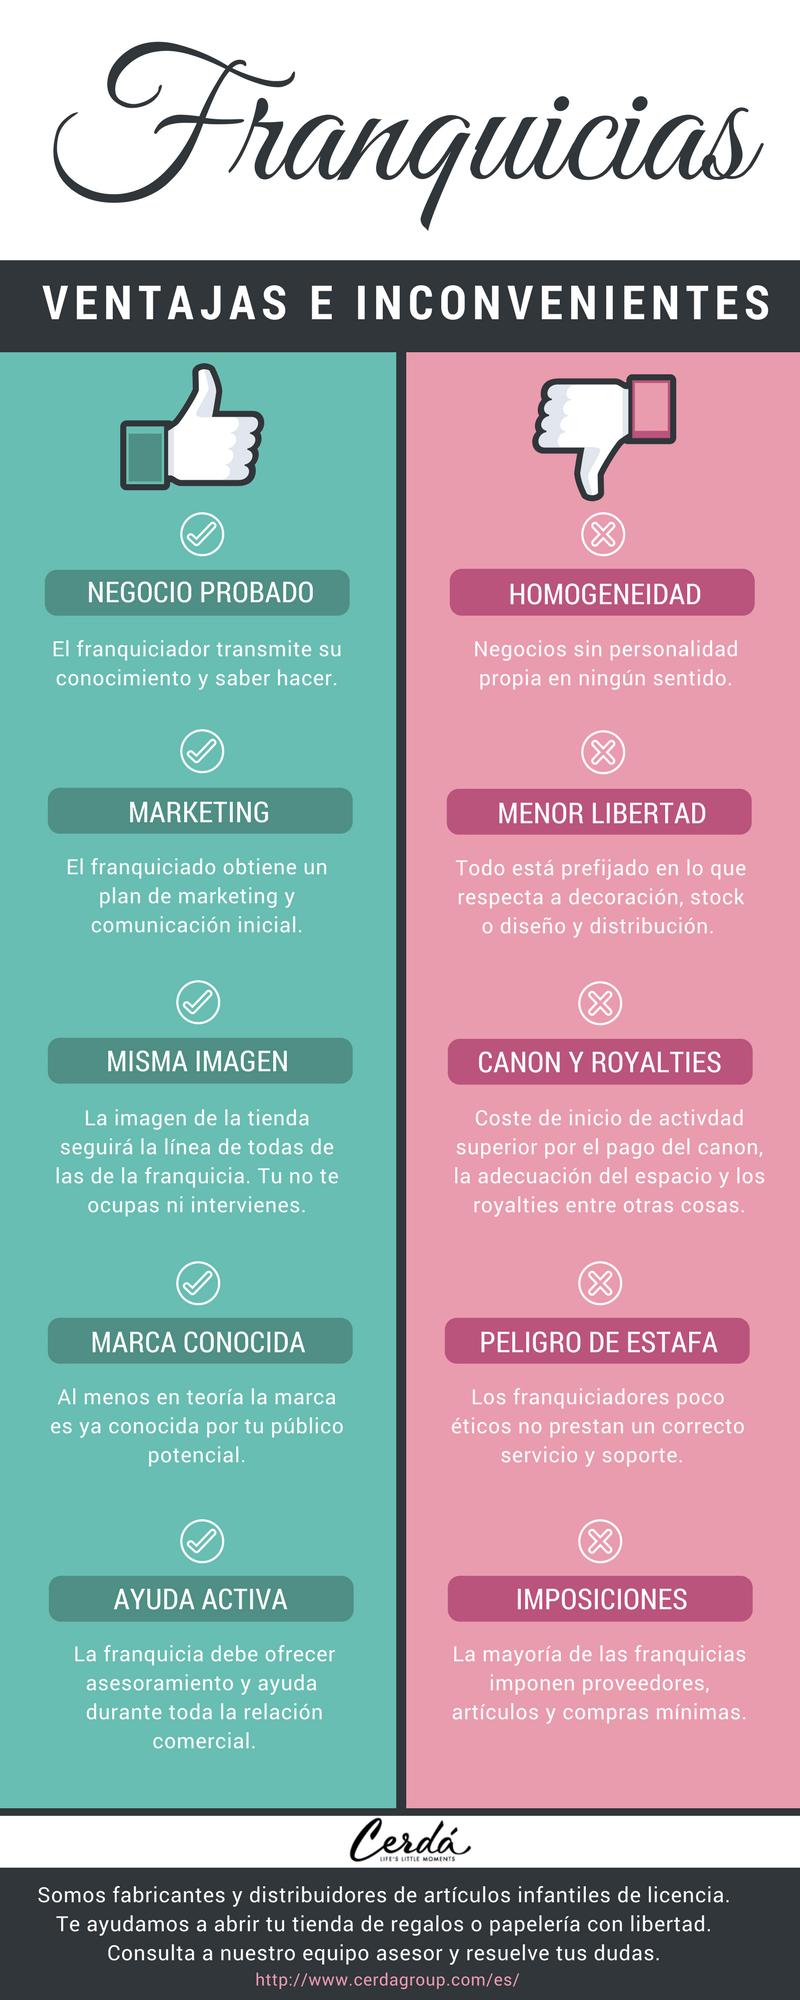 Franquicias infografia.png